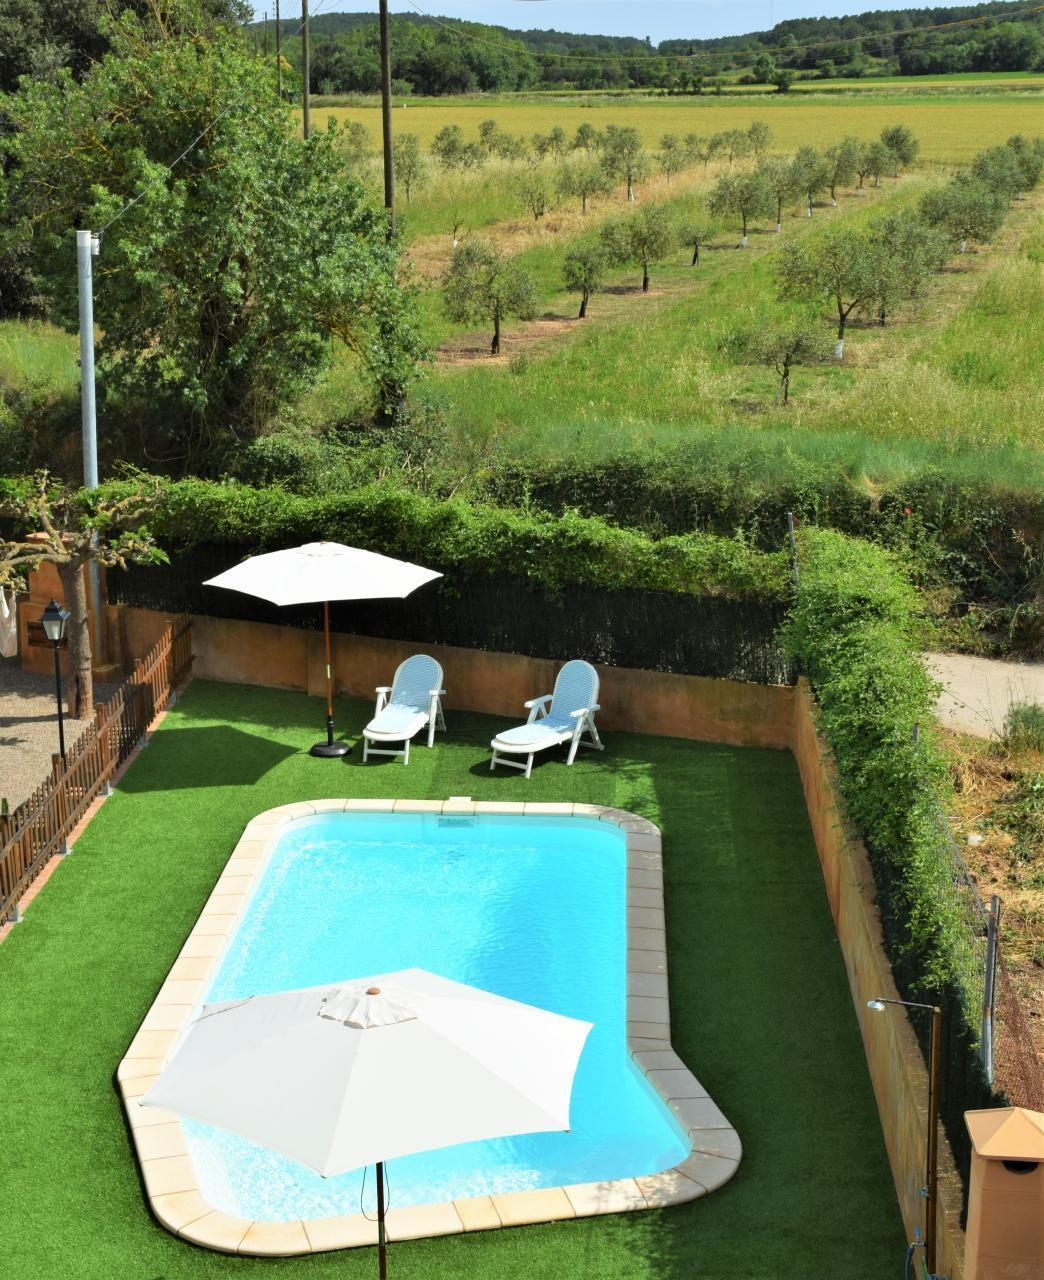 Ferienhaus Ca L'Esclop, mit privatem Swimmingpool, 18km von den Stränden der Costa Brava entfernt (2047827), Vilaur, Girona, Katalonien, Spanien, Bild 26